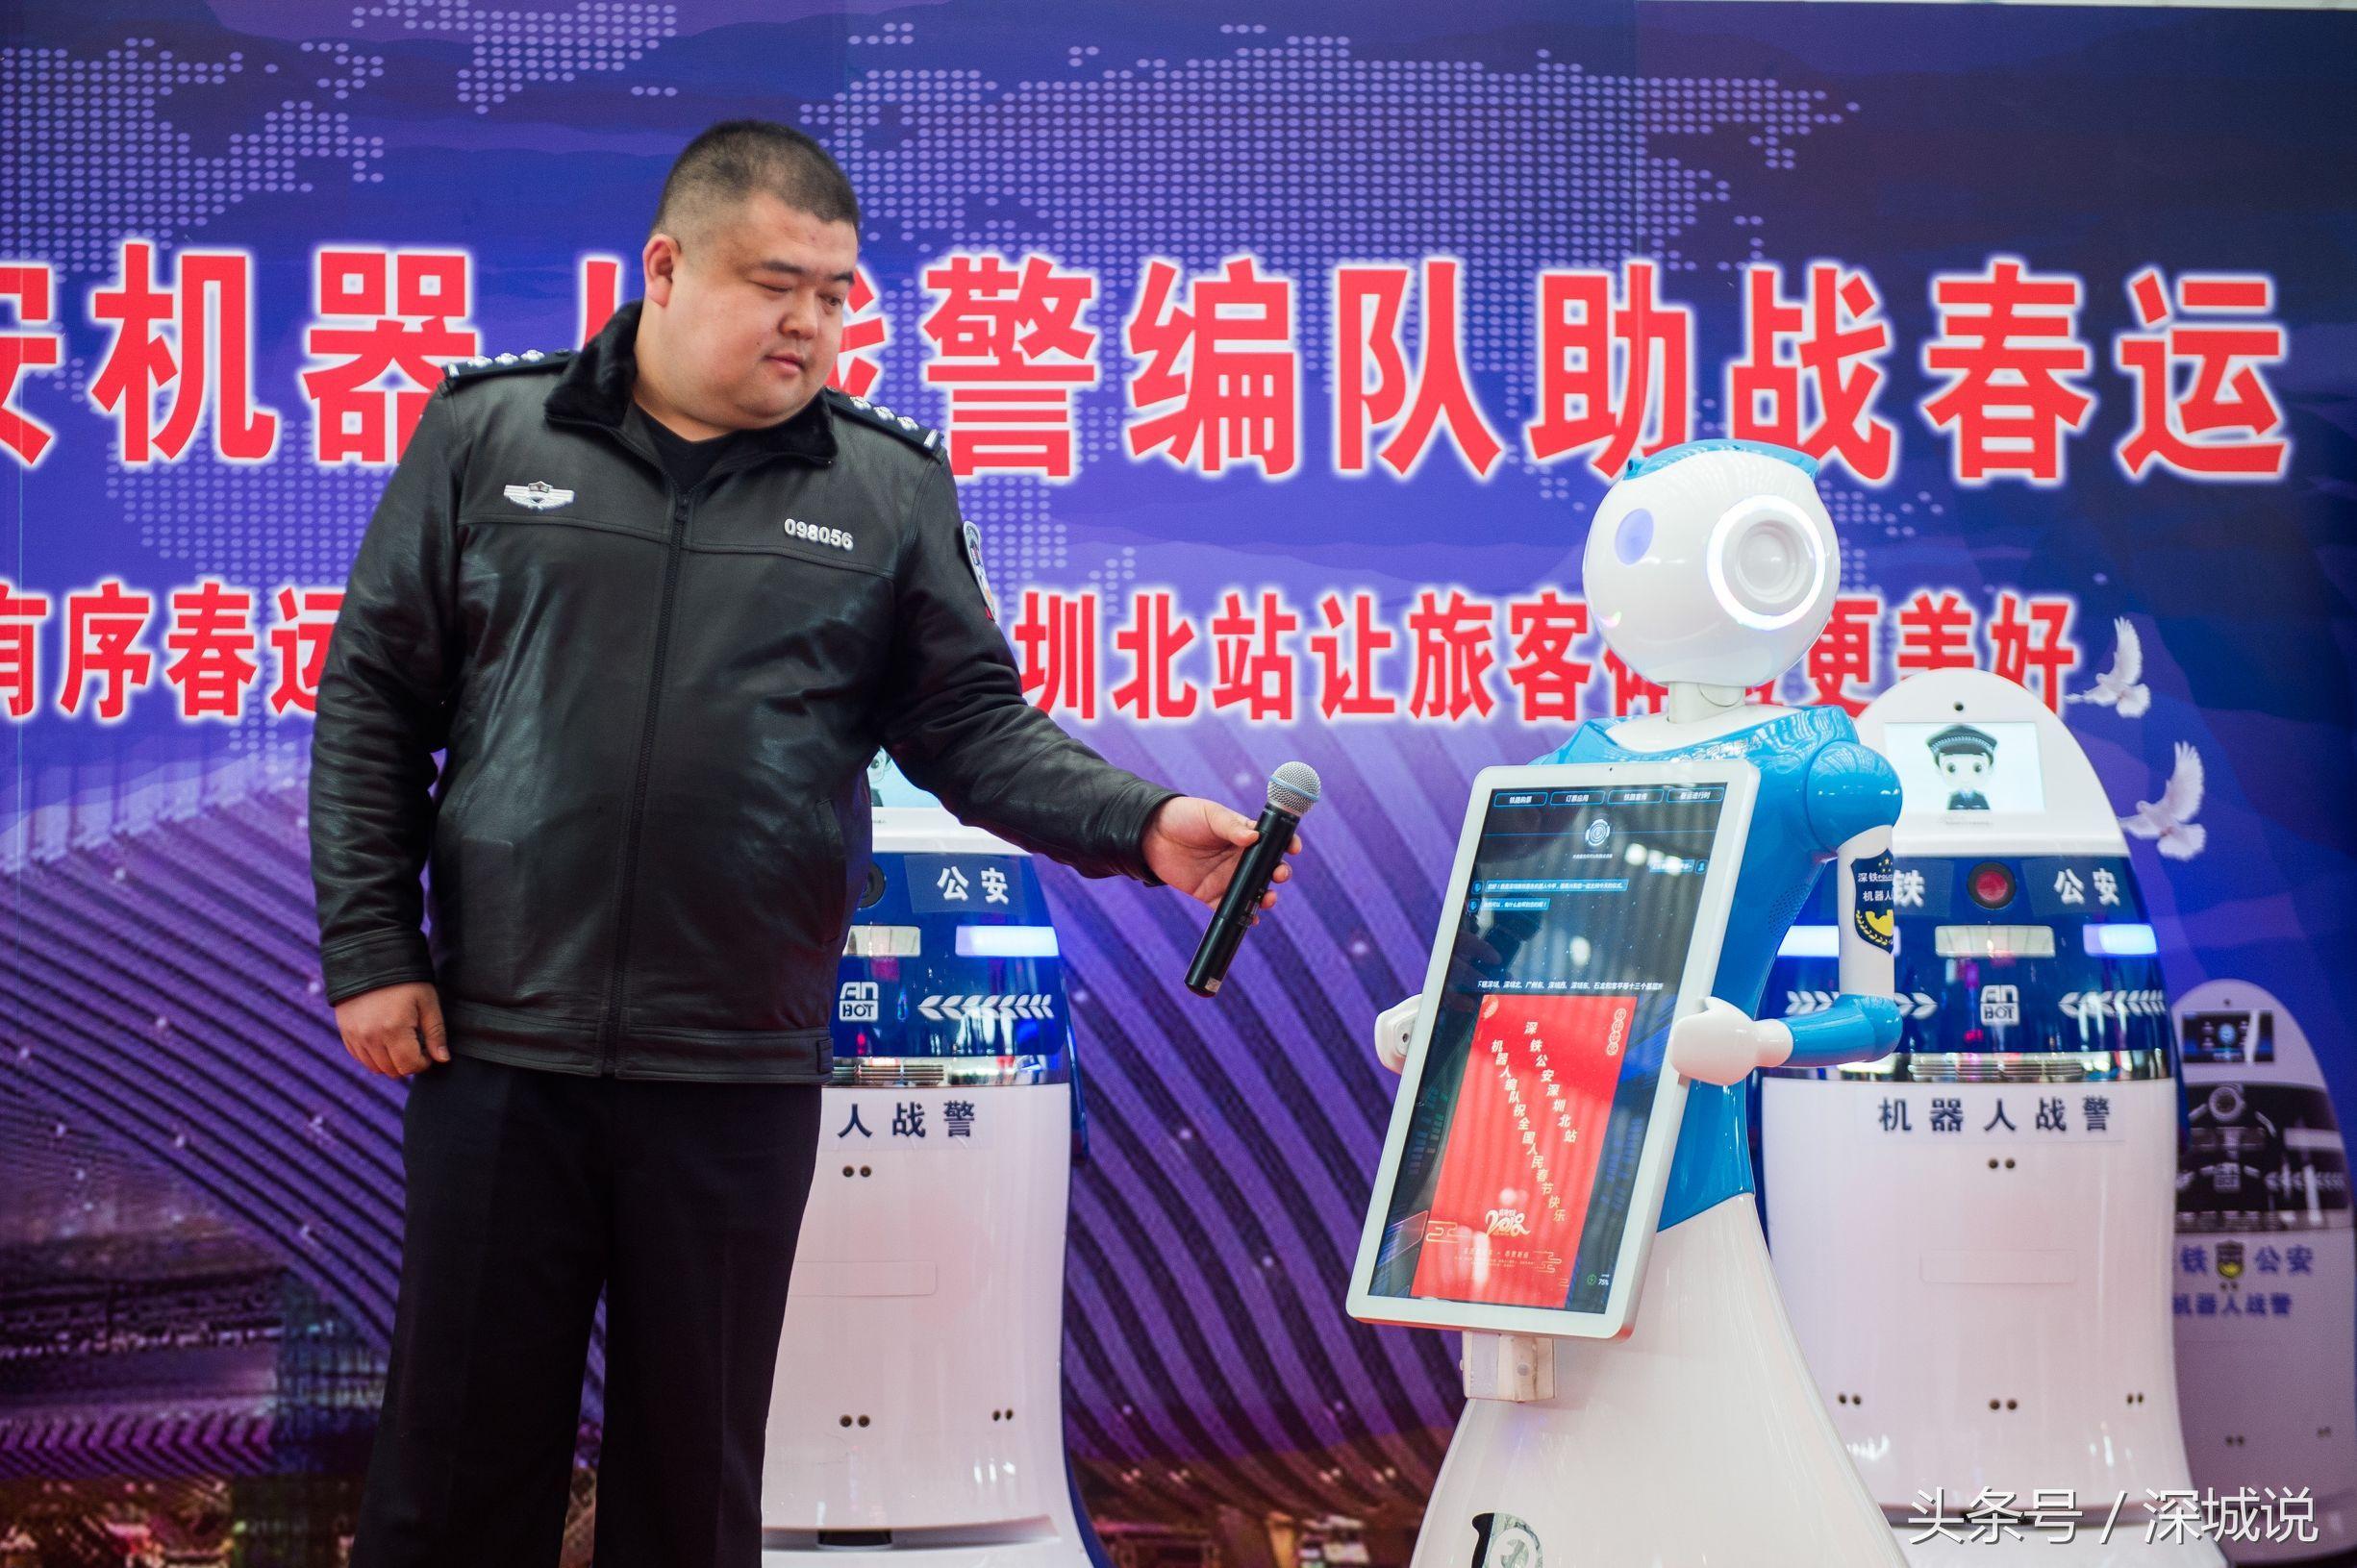 深圳北站机器人警察编队今上线 除了服务旅客,它还会 抓坏蛋